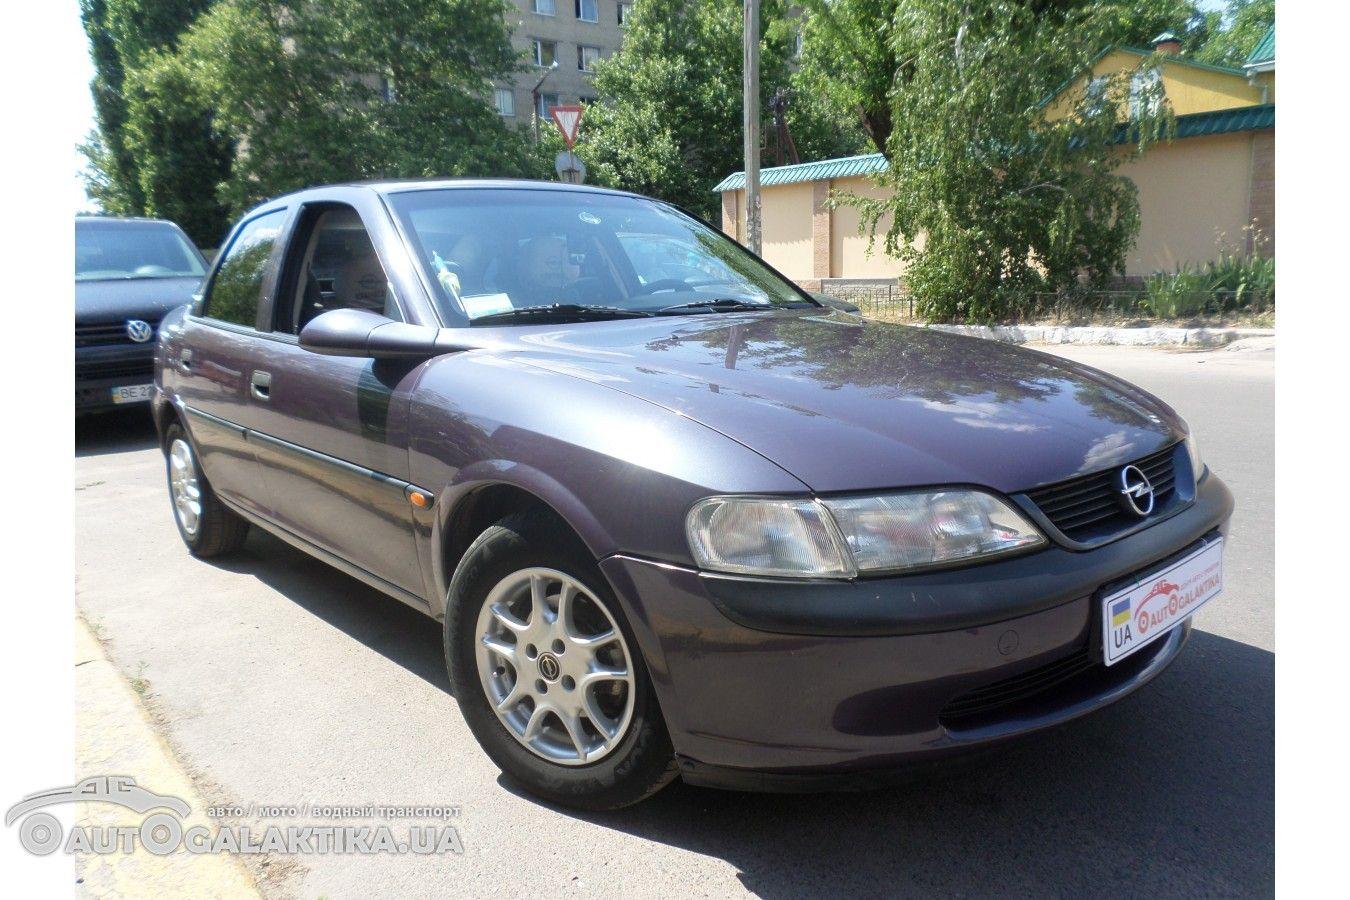 Opel Vectra B 1997 G V Suv Car Car Bmw Car